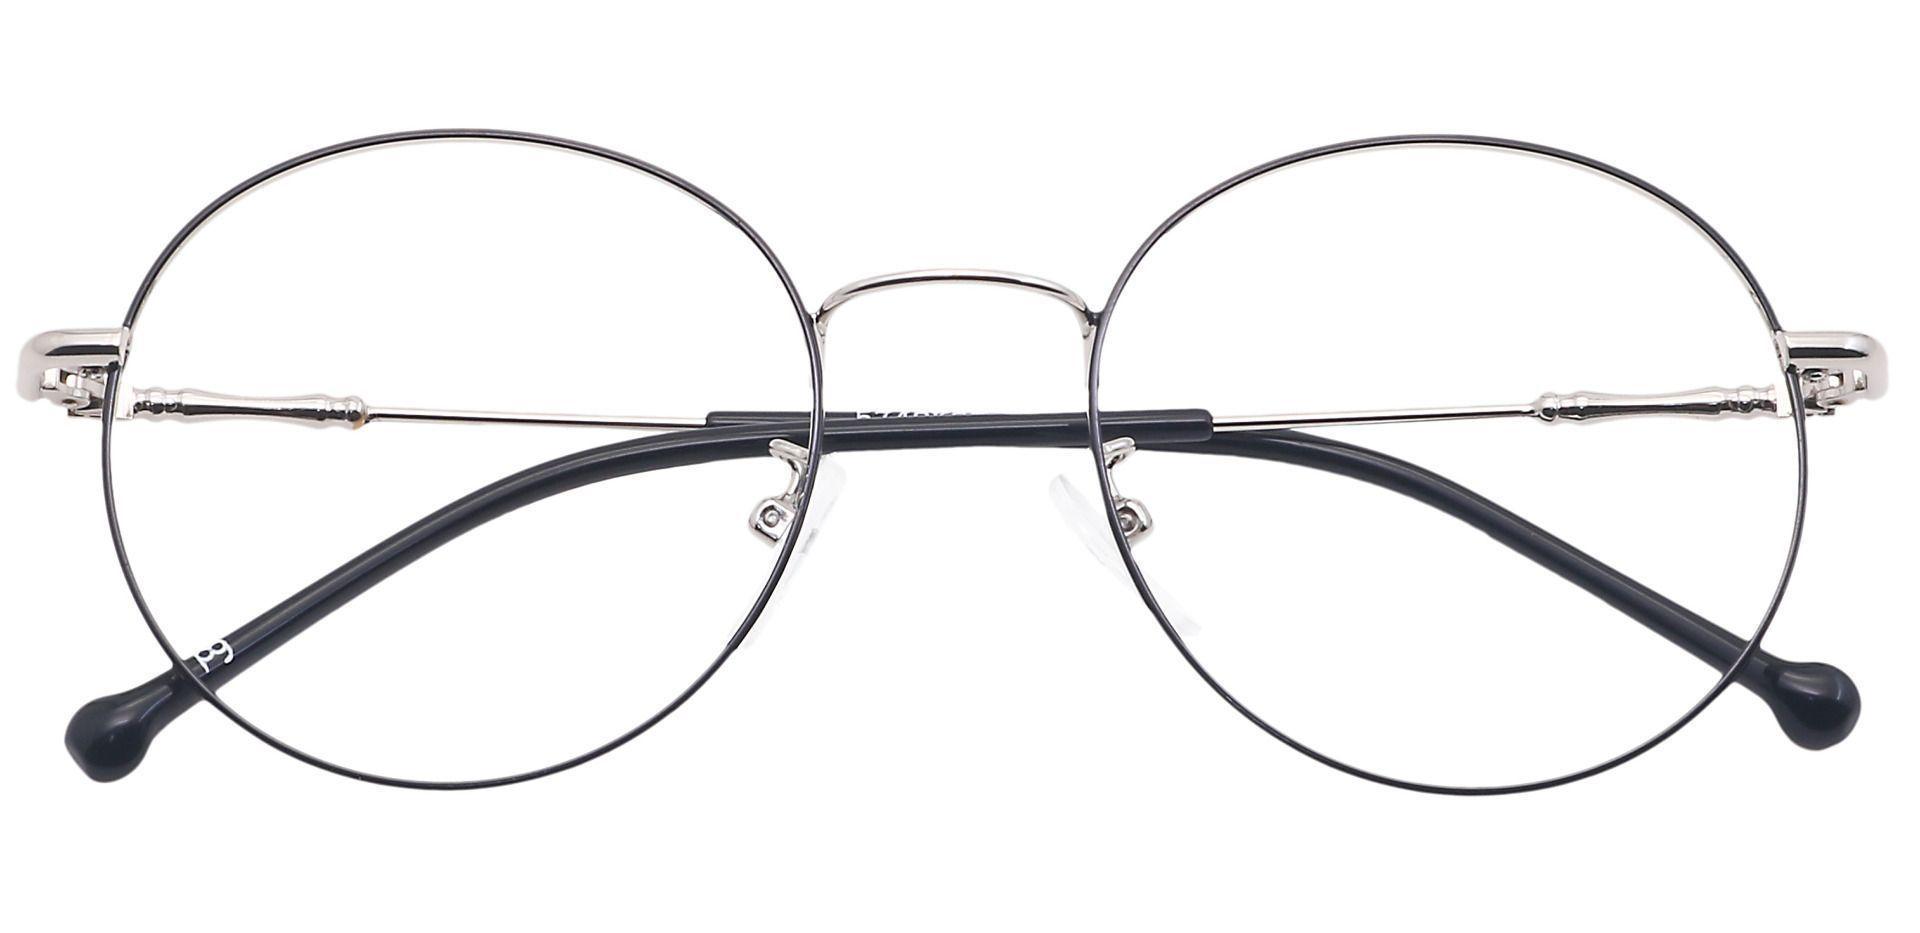 Magnus Round Blue Light Blocking Glasses - Black